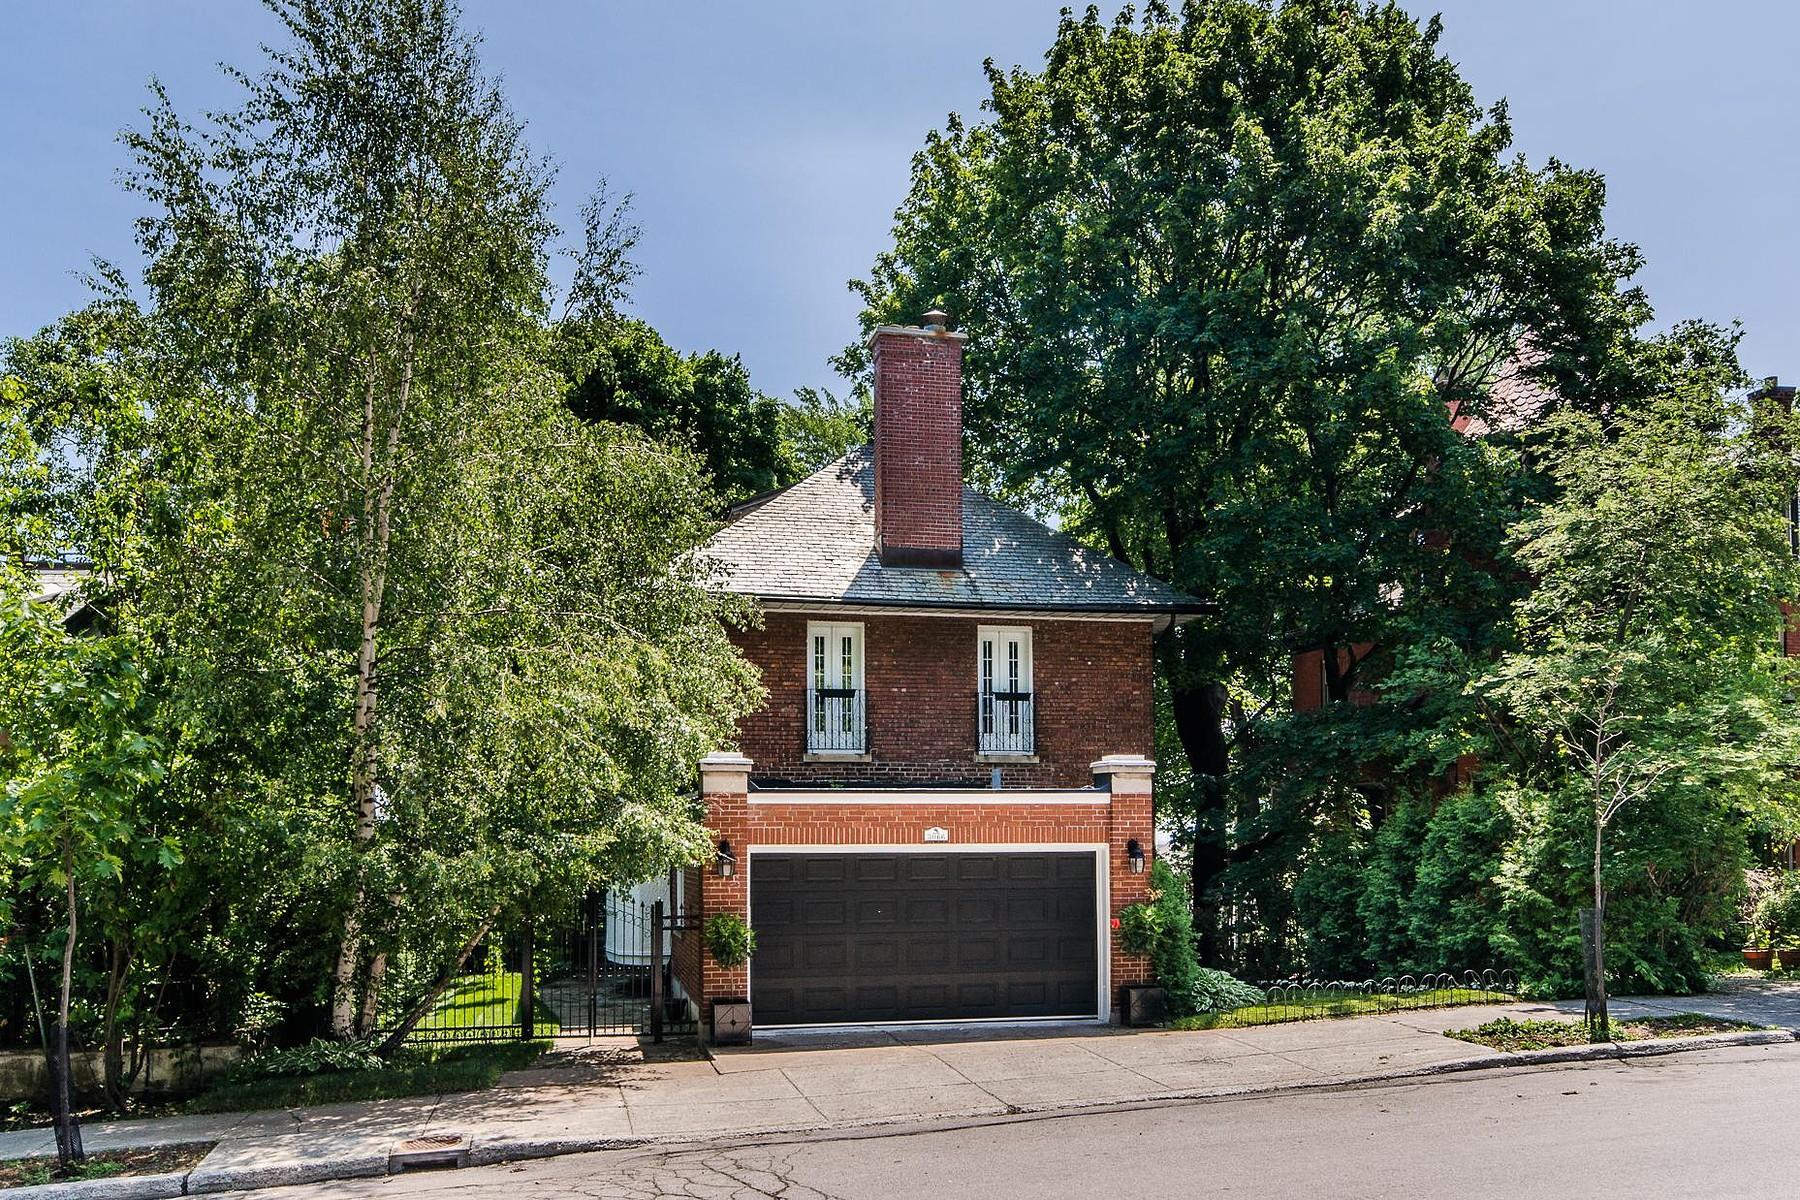 獨棟家庭住宅 為 出售 在 Ville-Marie (Montréal), Montréal 3066 Av. de Trafalgar Montreal, 魁北克省 H3Y1H4 加拿大